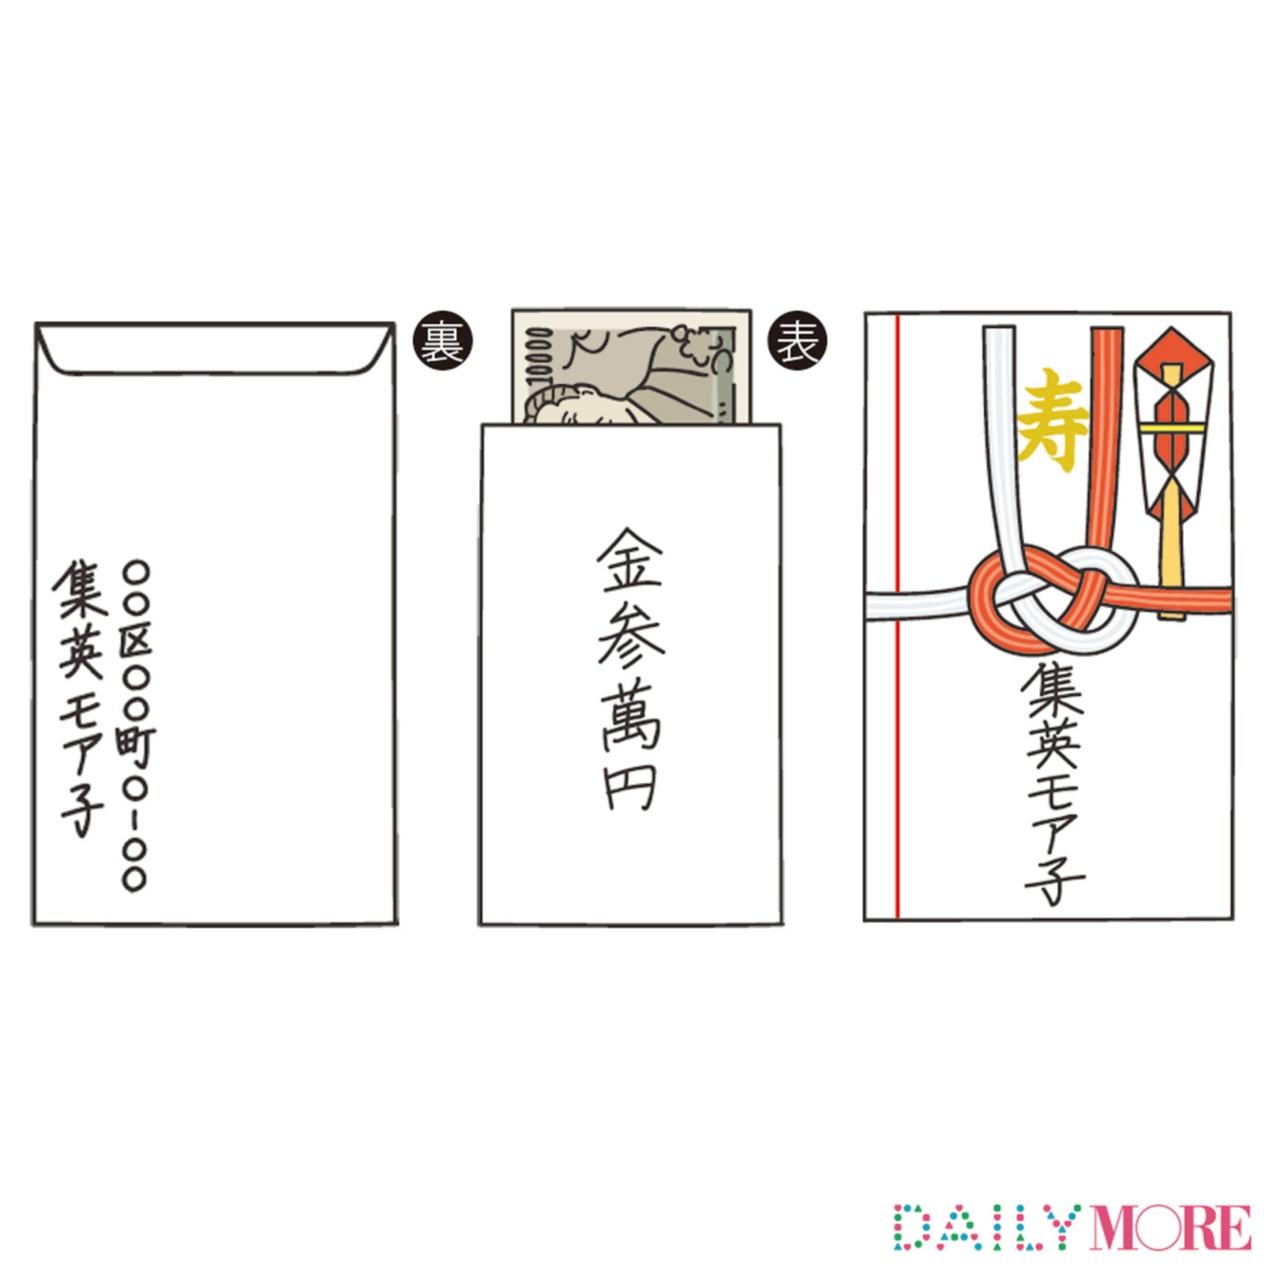 袋の表書きには氏名を毛筆か筆ペンで。中包みは、表に略式でない旧漢数字で金額を書き、裏に自分の住所と名前を。お札は表に肖像画がくるように。はい!  完璧ですね!